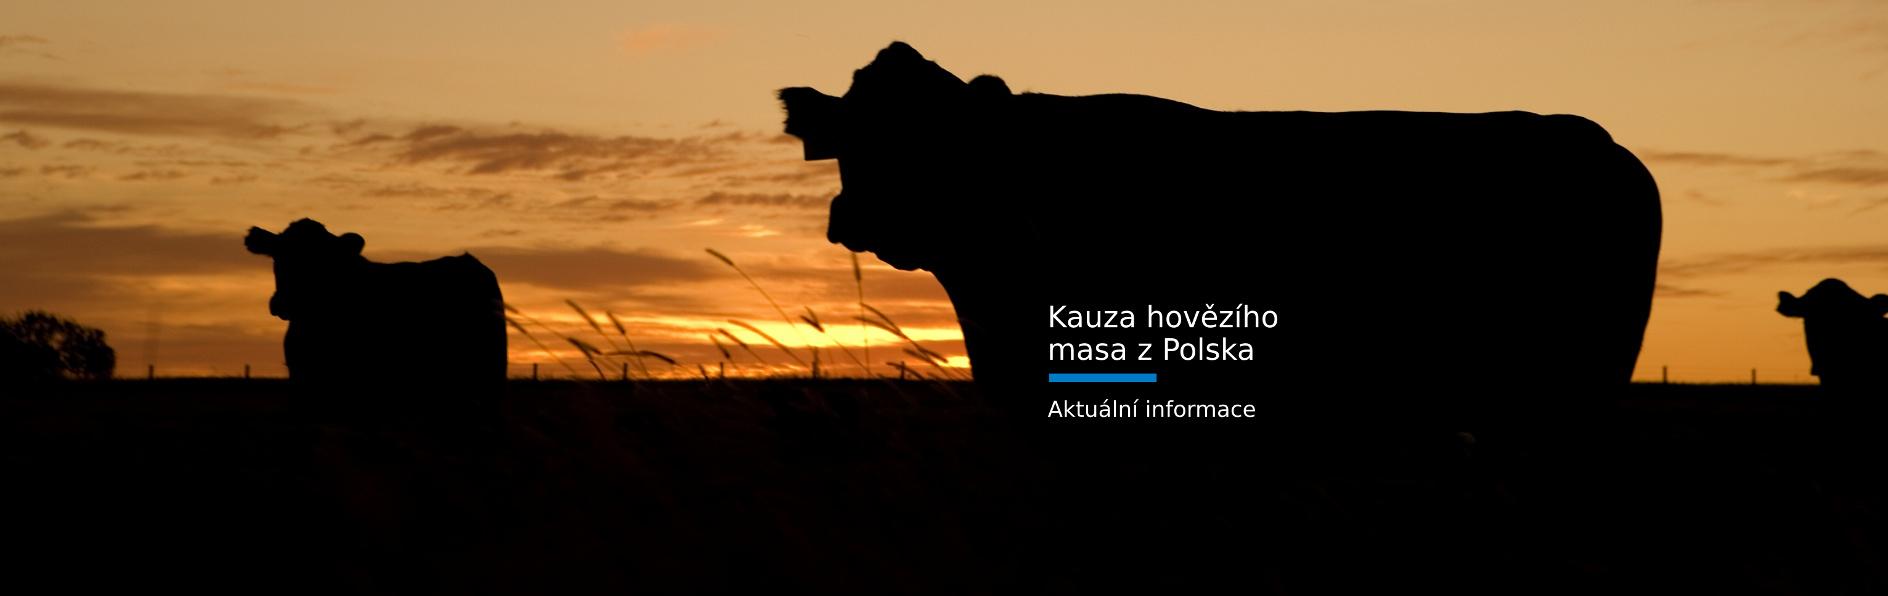 slide-kauza-hovezi-maso-2019